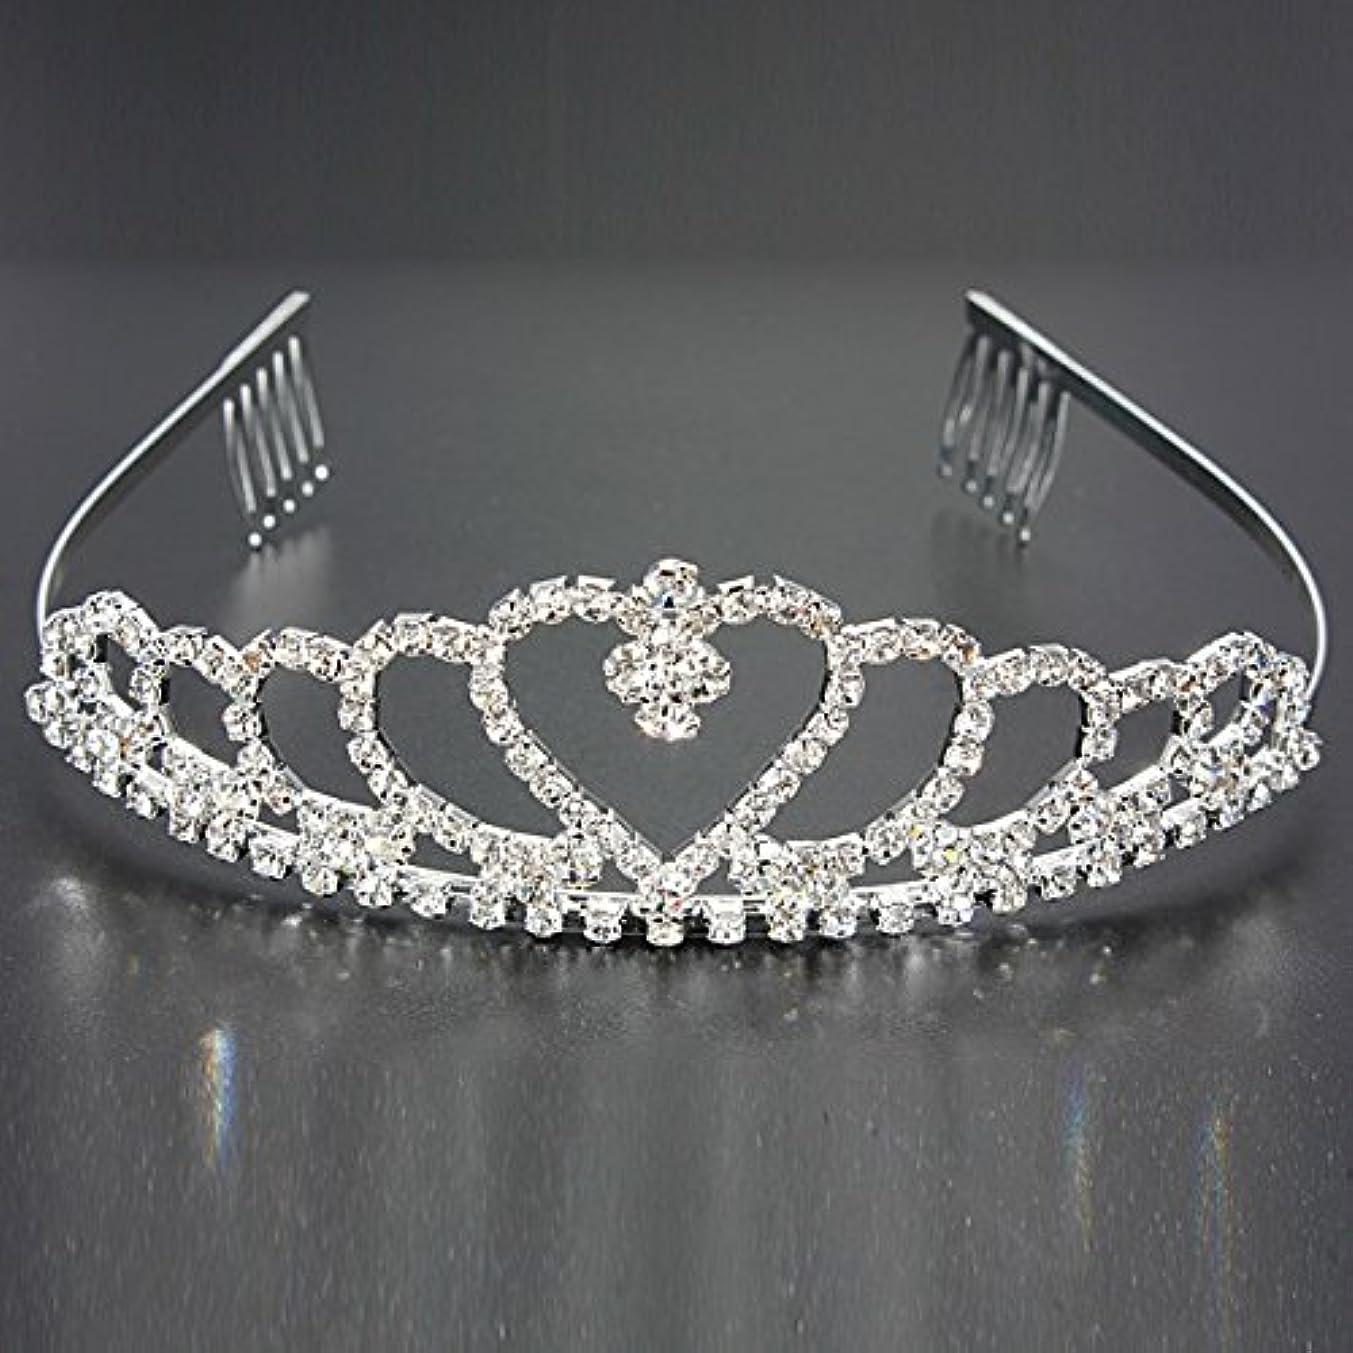 手術限られた独立してYZUEYT 結婚式の花嫁のクリスタルのラインストーンハート型クラウンの髪ティアラ YZUEYT (Size : One size)